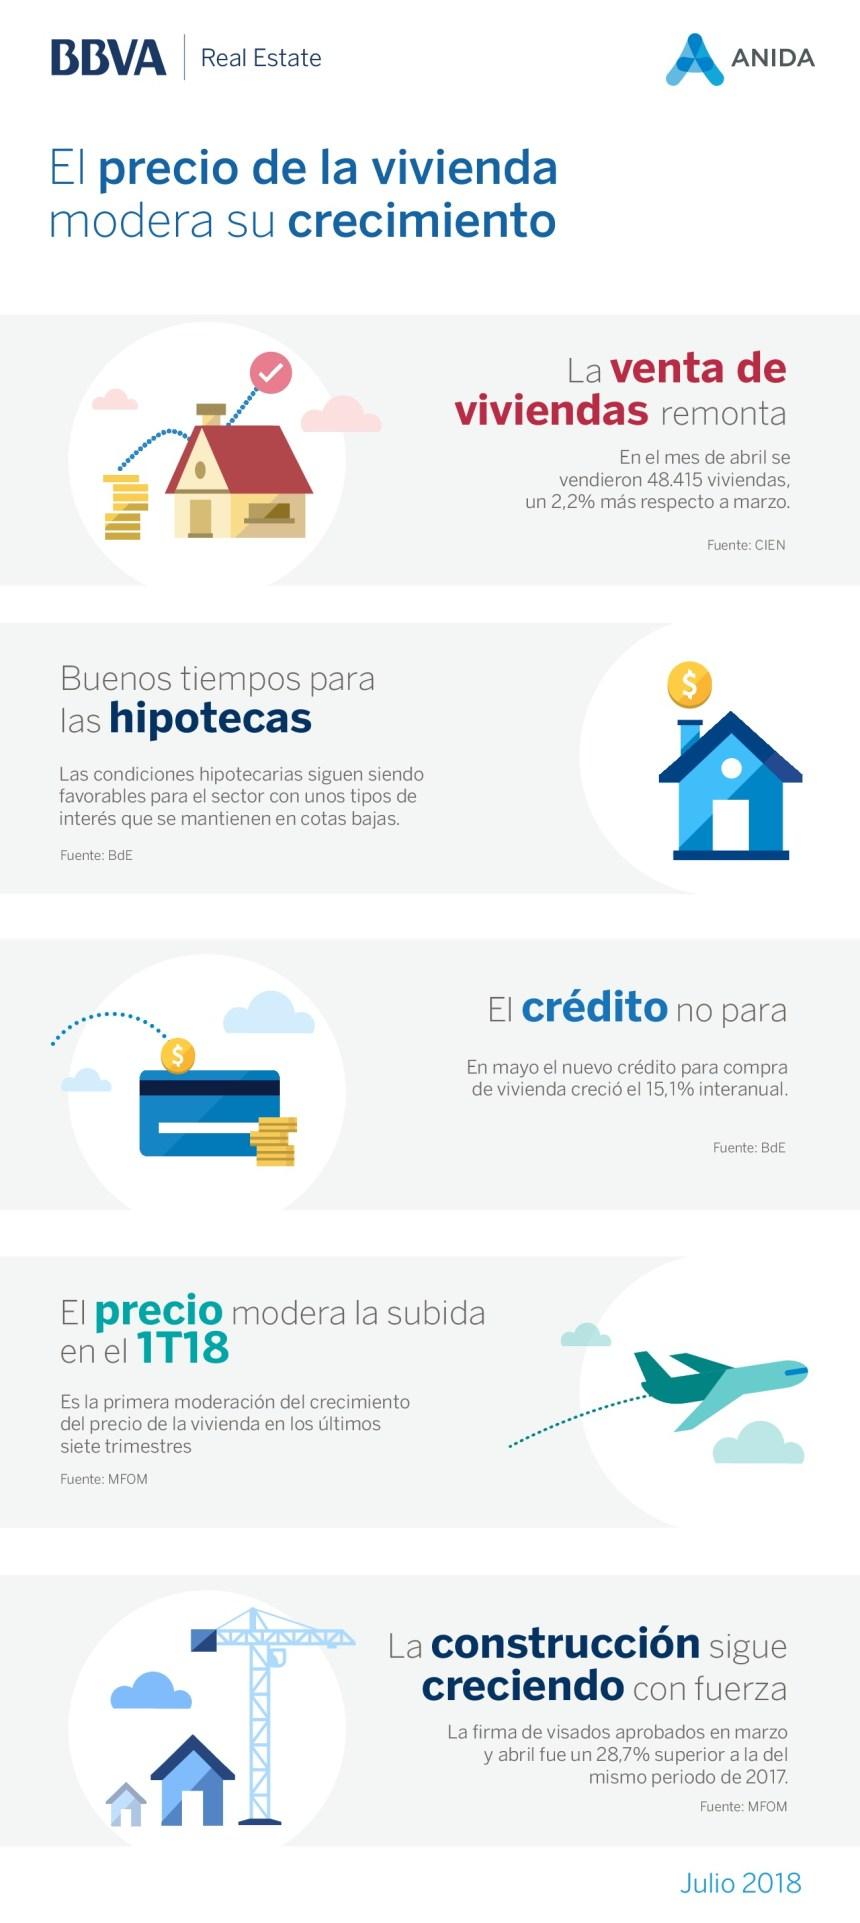 Estado del sector inmobiliario en España